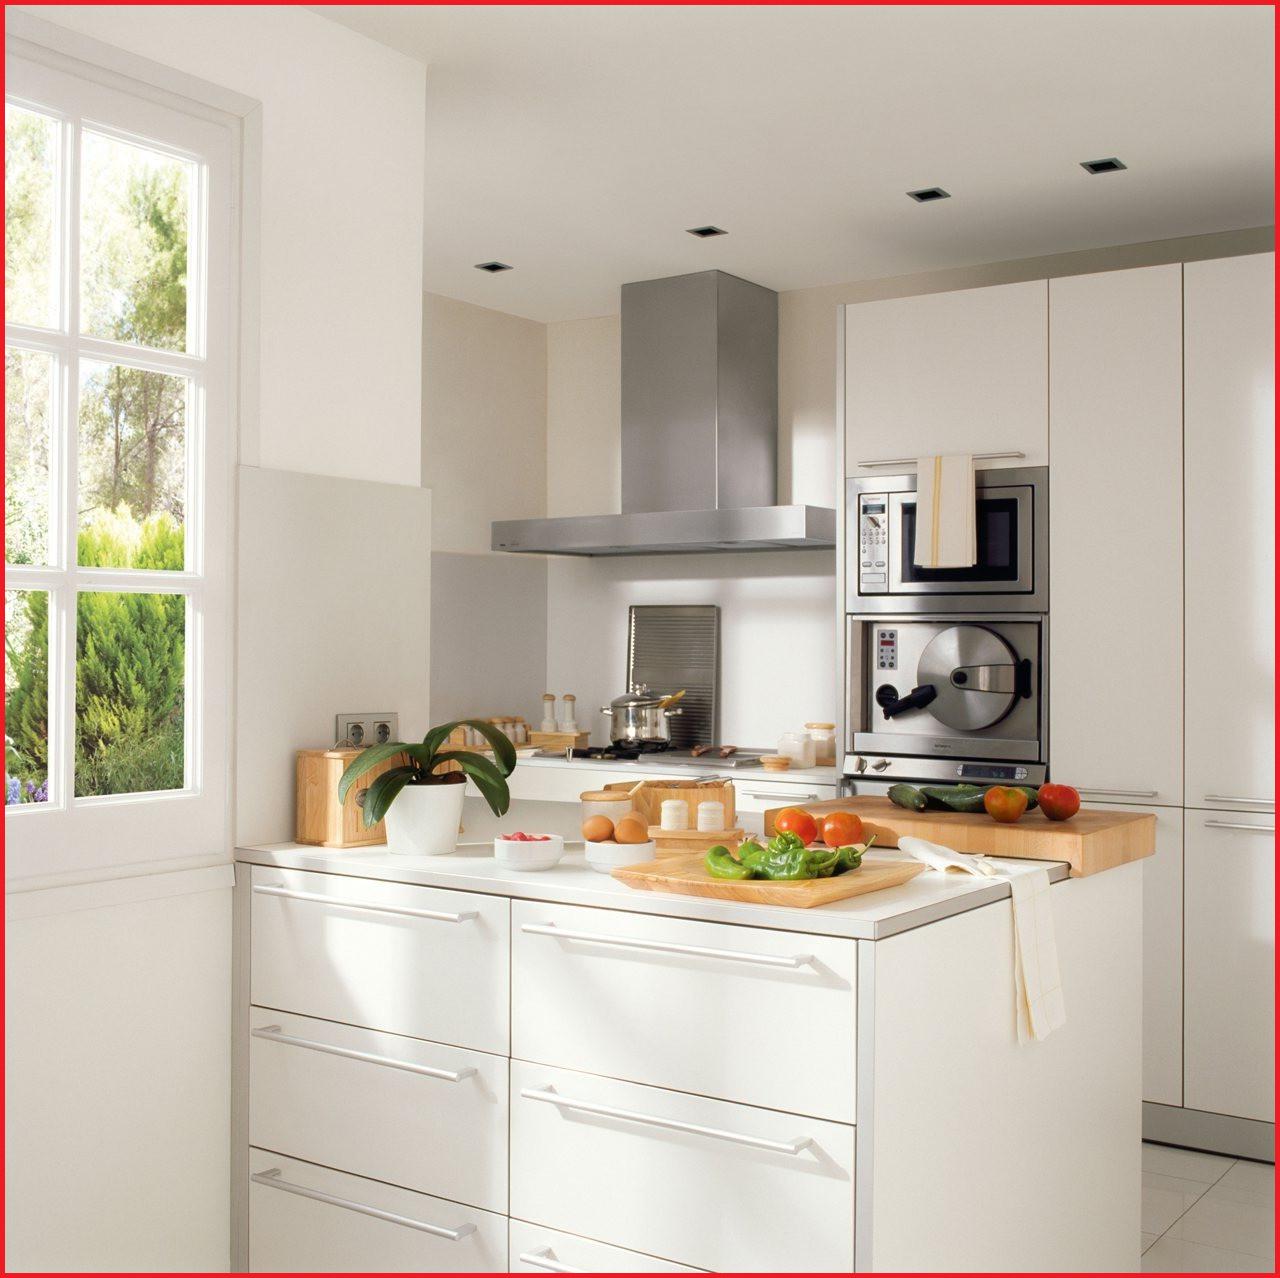 Mesa Cocina Pequeña Q0d4 Mesa Cocina Pequeà A Dise Os De Cocinas Peque as Y Sencillas